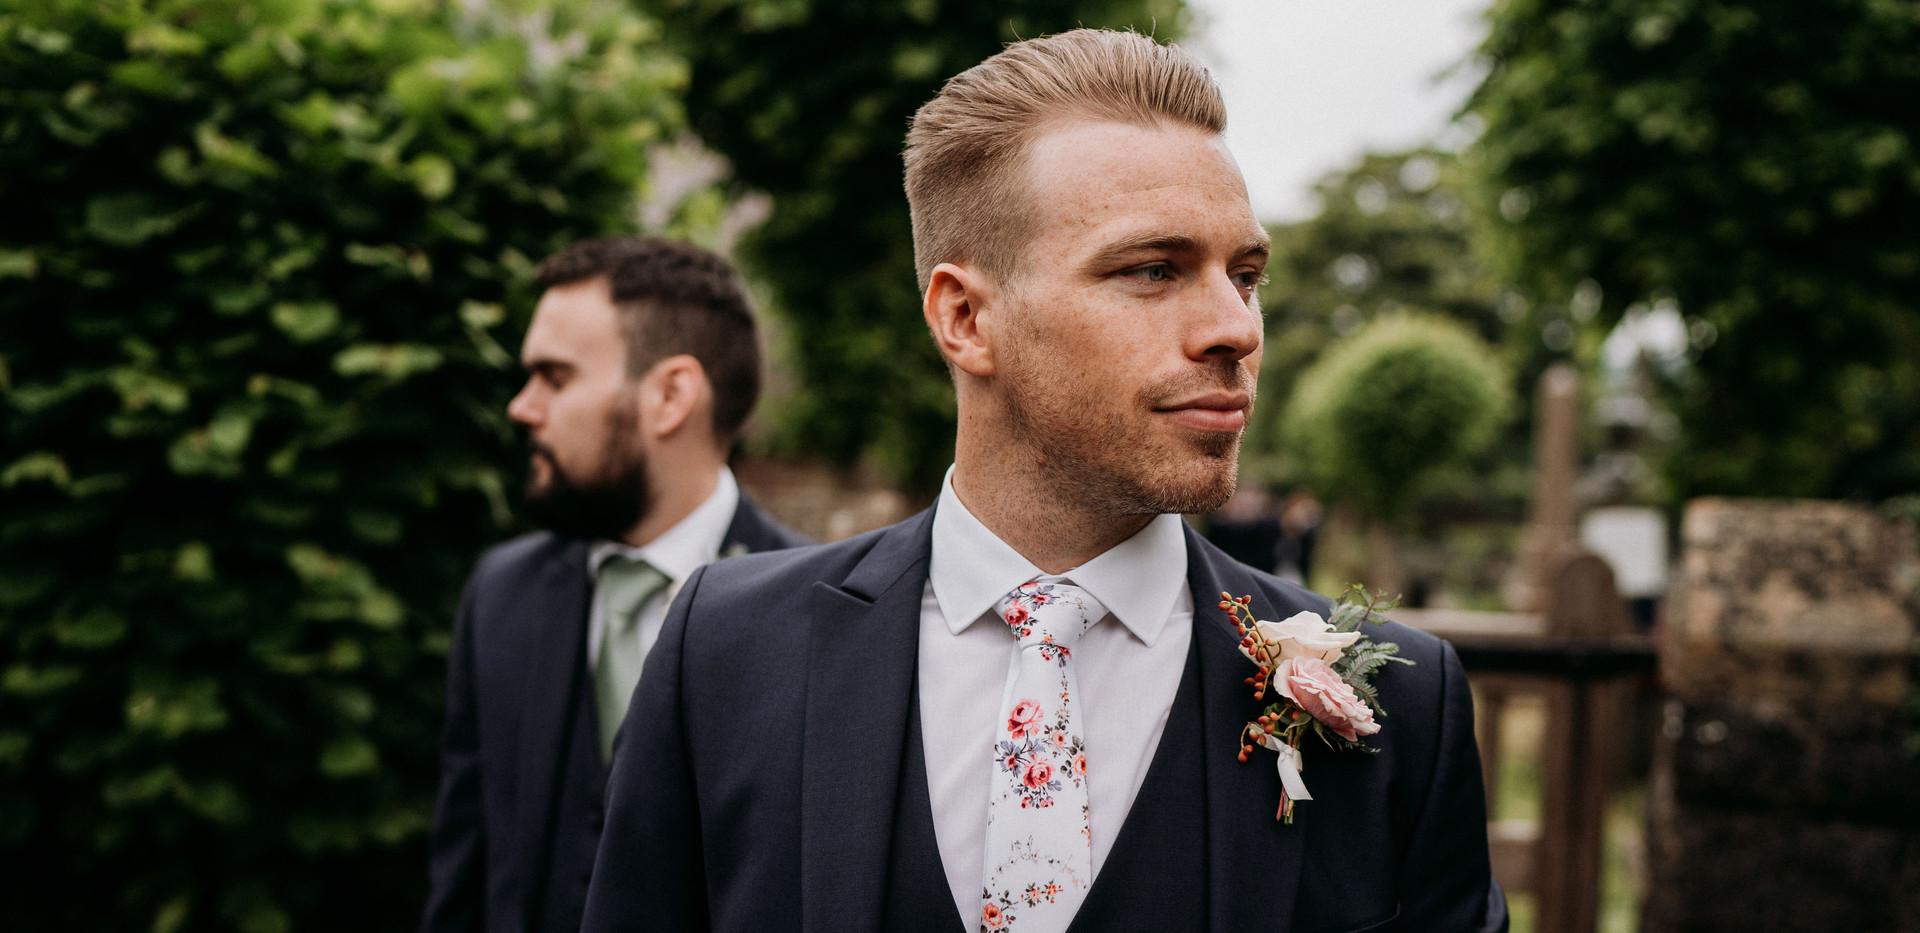 Groomsmen buttonhole